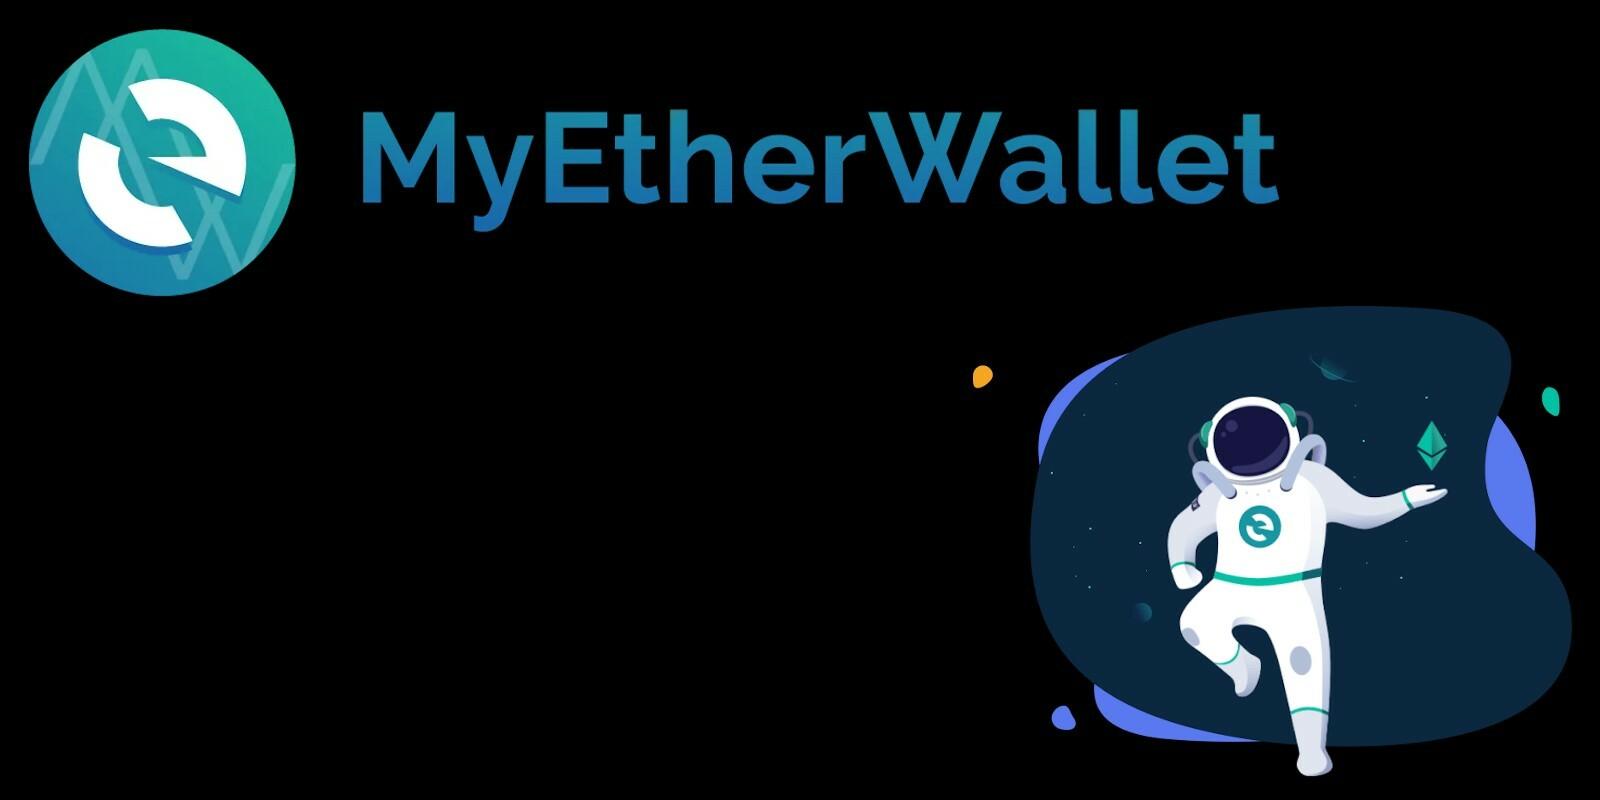 Vous pouvez maintenant héberger un site de manière décentralisée grâce à MyEtherWallet